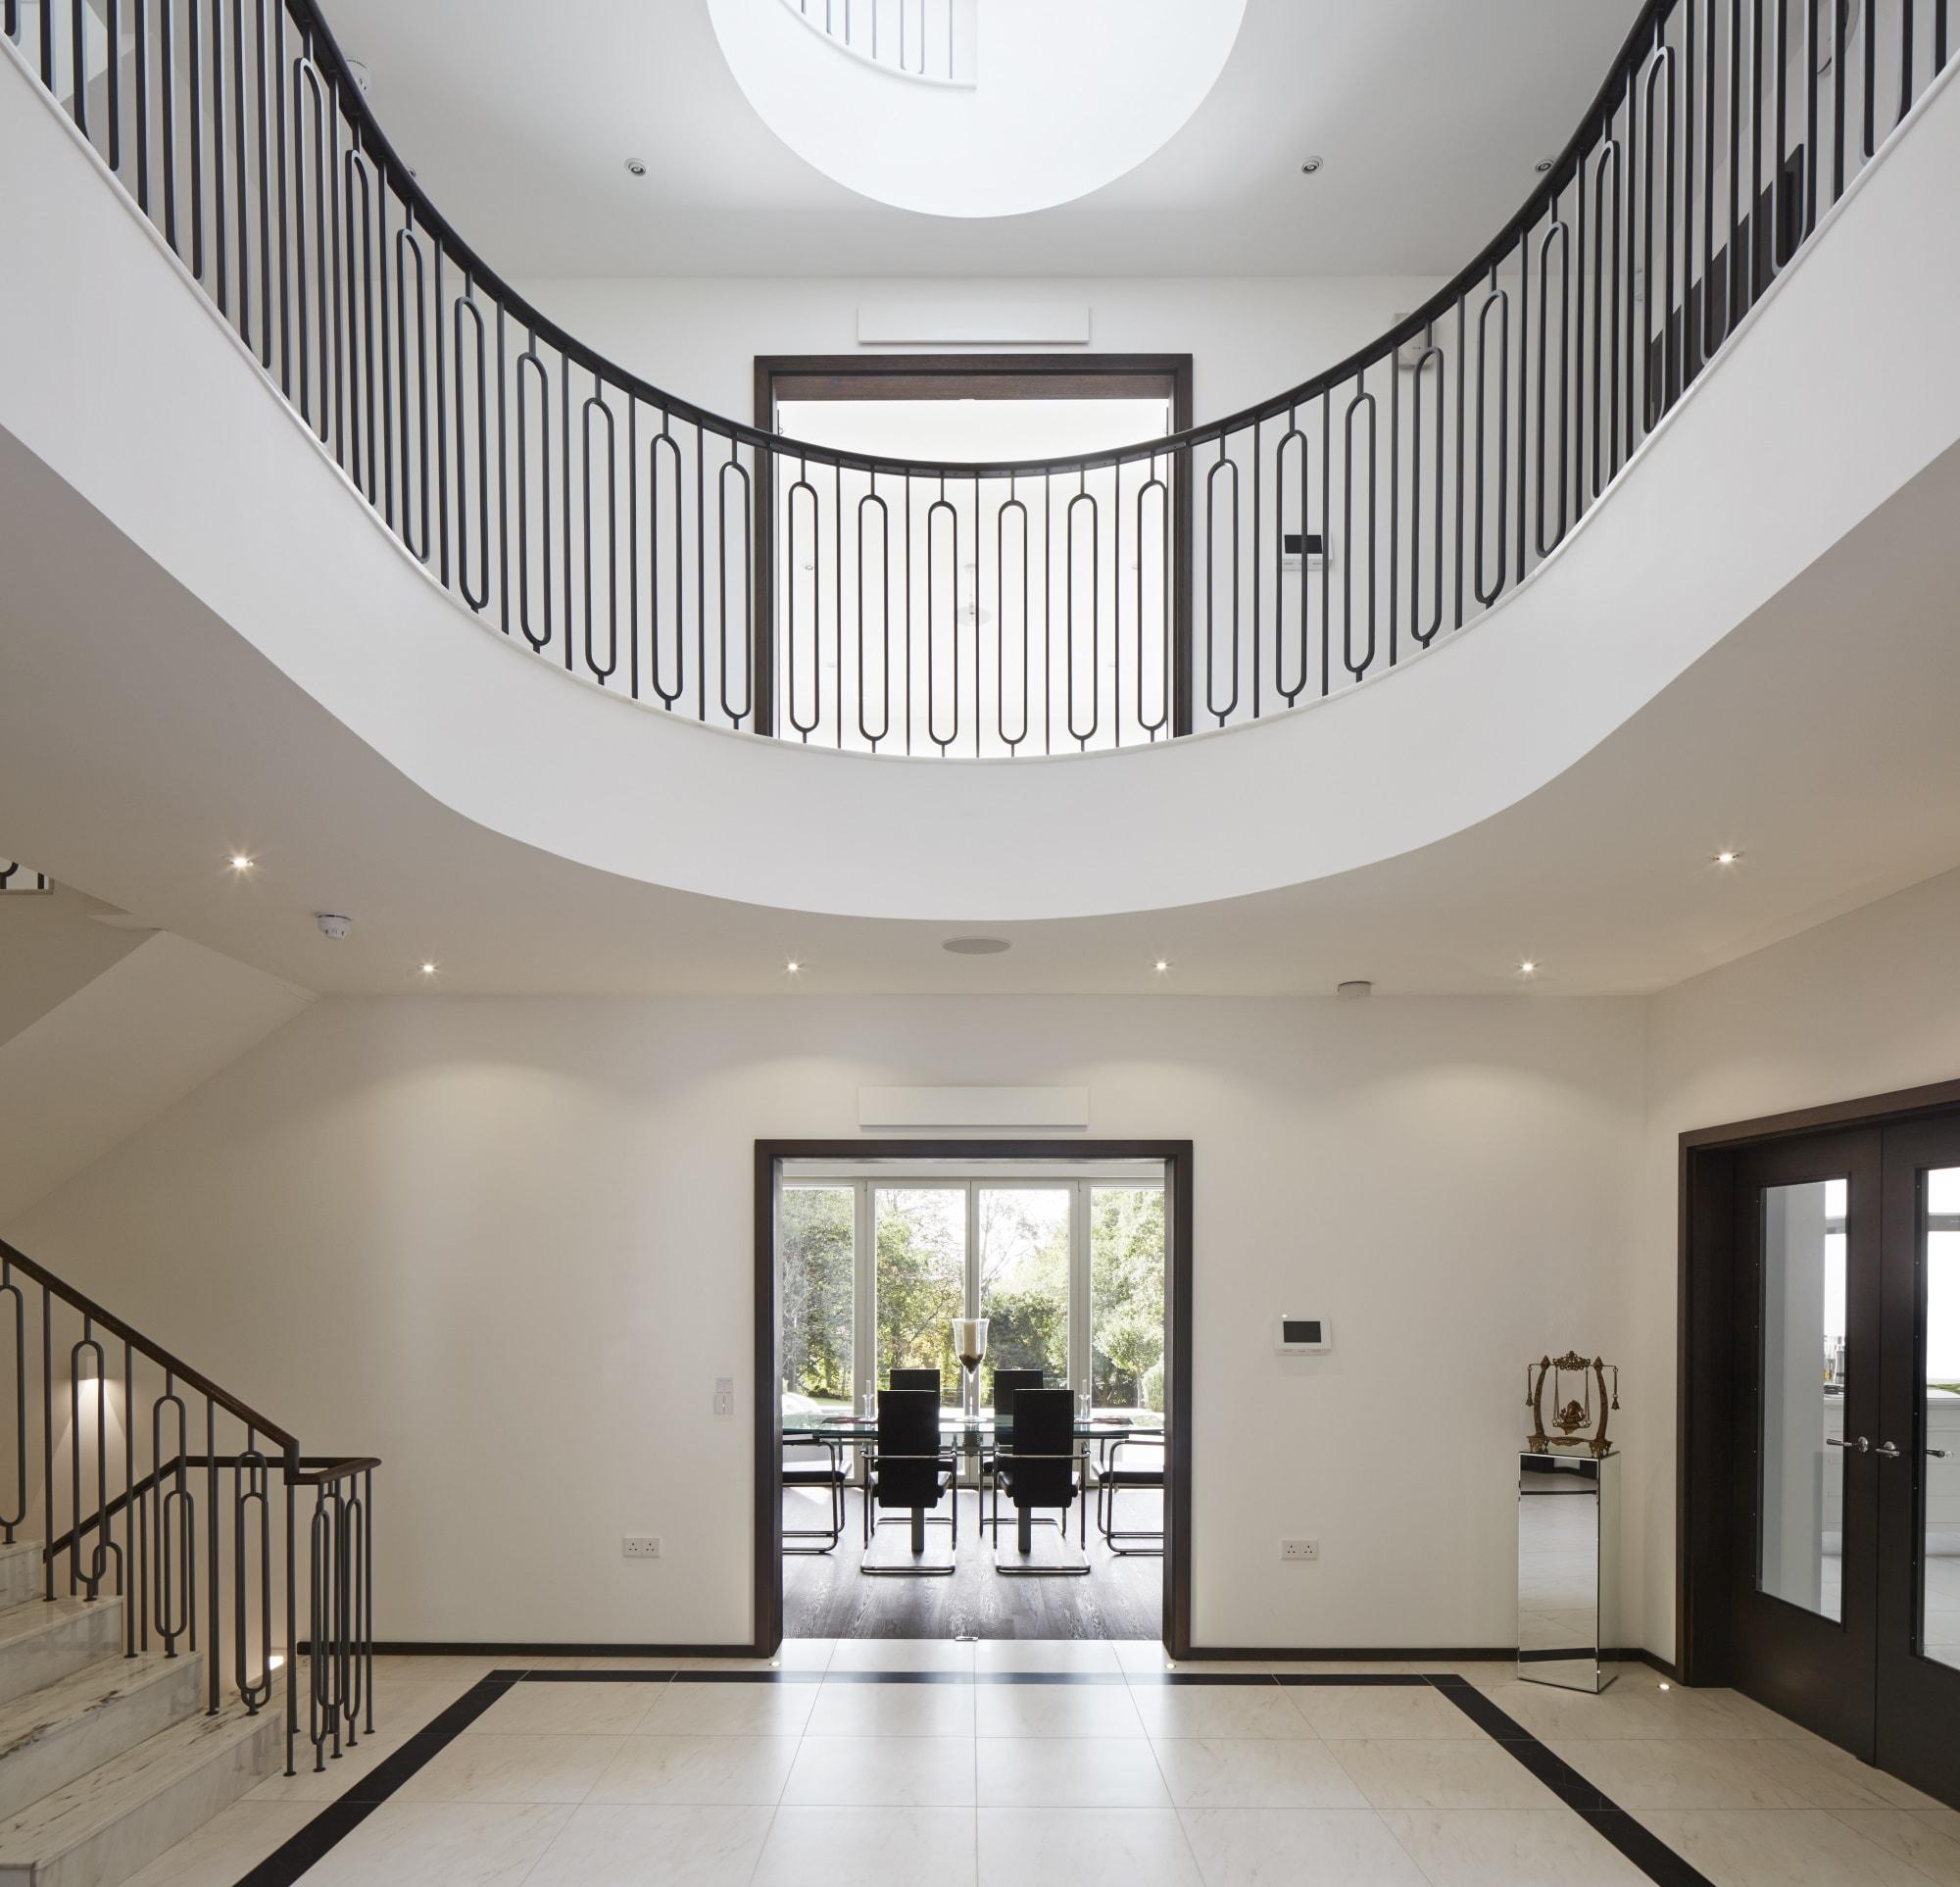 Eingang mit Luxus Treppenhaus, Galerie & Oberlicht - Haus Design Inneneinrichtung Luxus Villa ATHERTON von Baufritz - HausbauDirekt.de